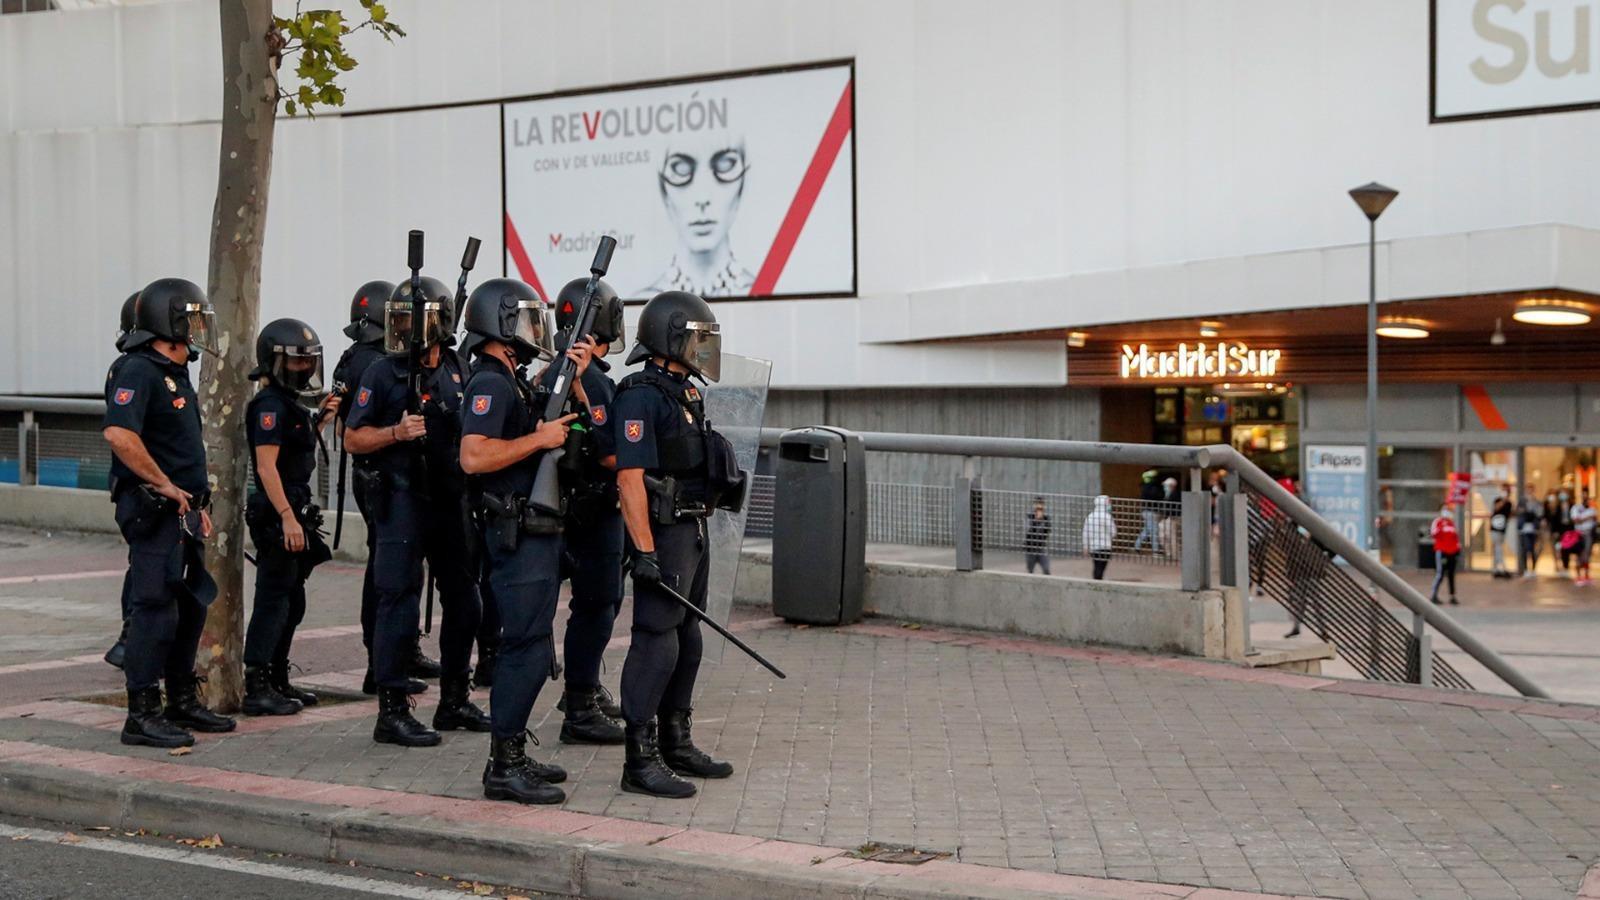 L'anàlisi d'Antoni Bassas: 'Ni el rei a Barcelona ni metges a Madrid'